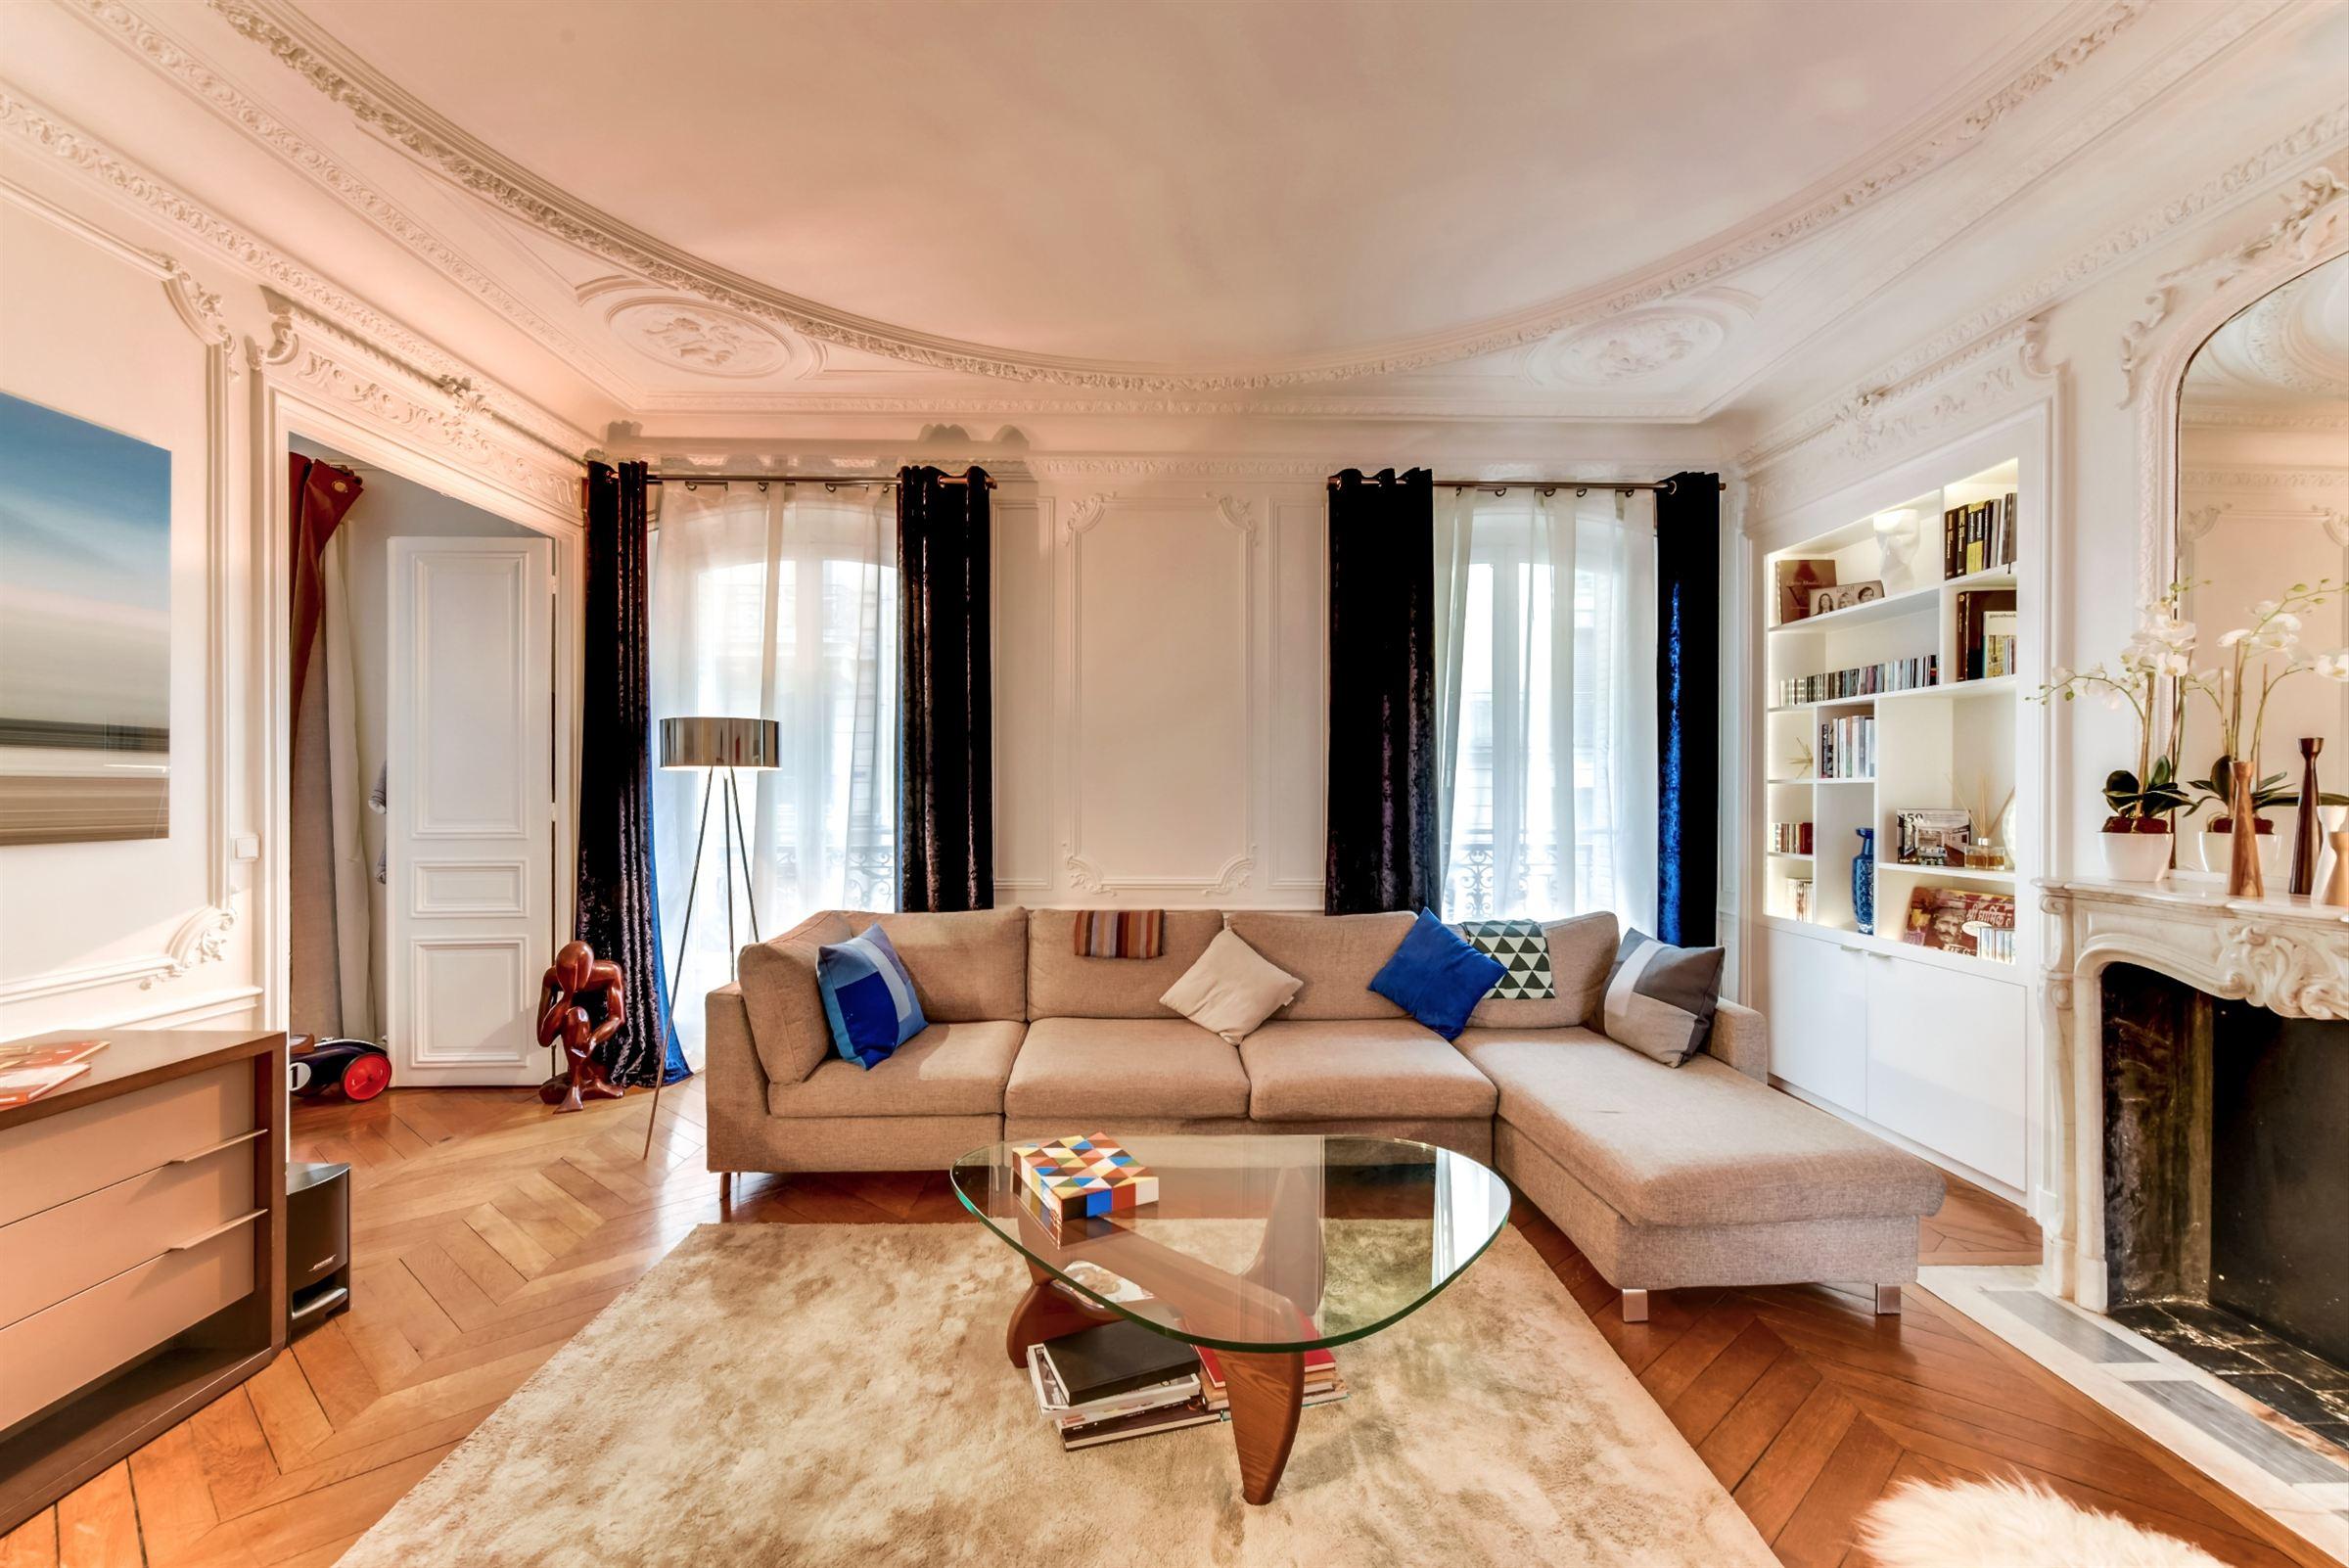 sales property at For sale sole agent in Paris 16 - Kléber - Trocadéro